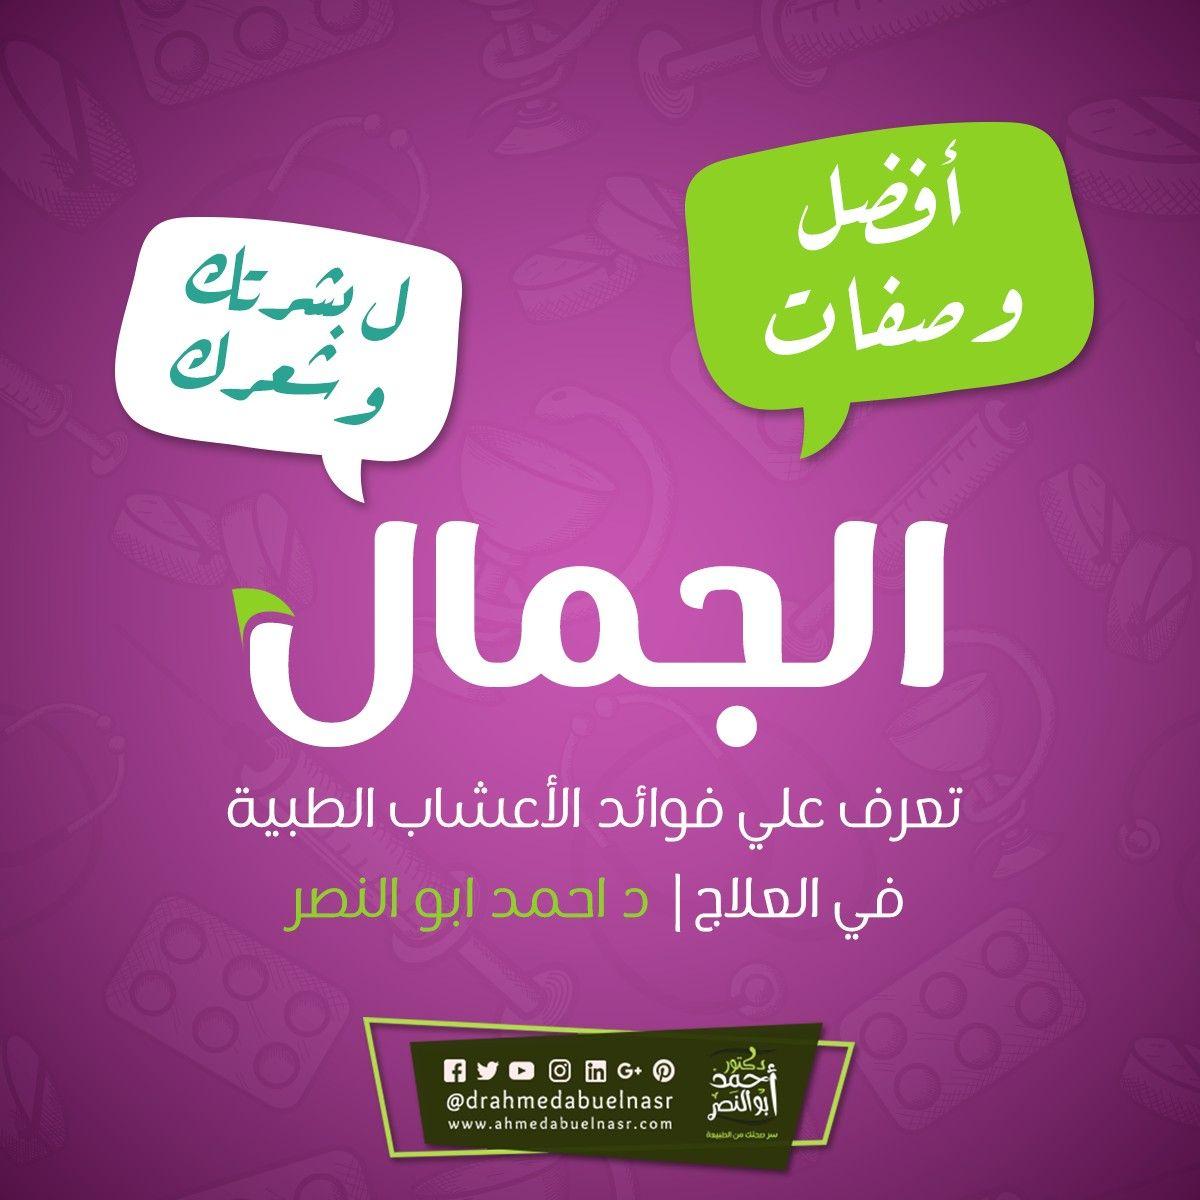 الجمال Archives الدكتور احمد ابو النصر Convenience Store Products